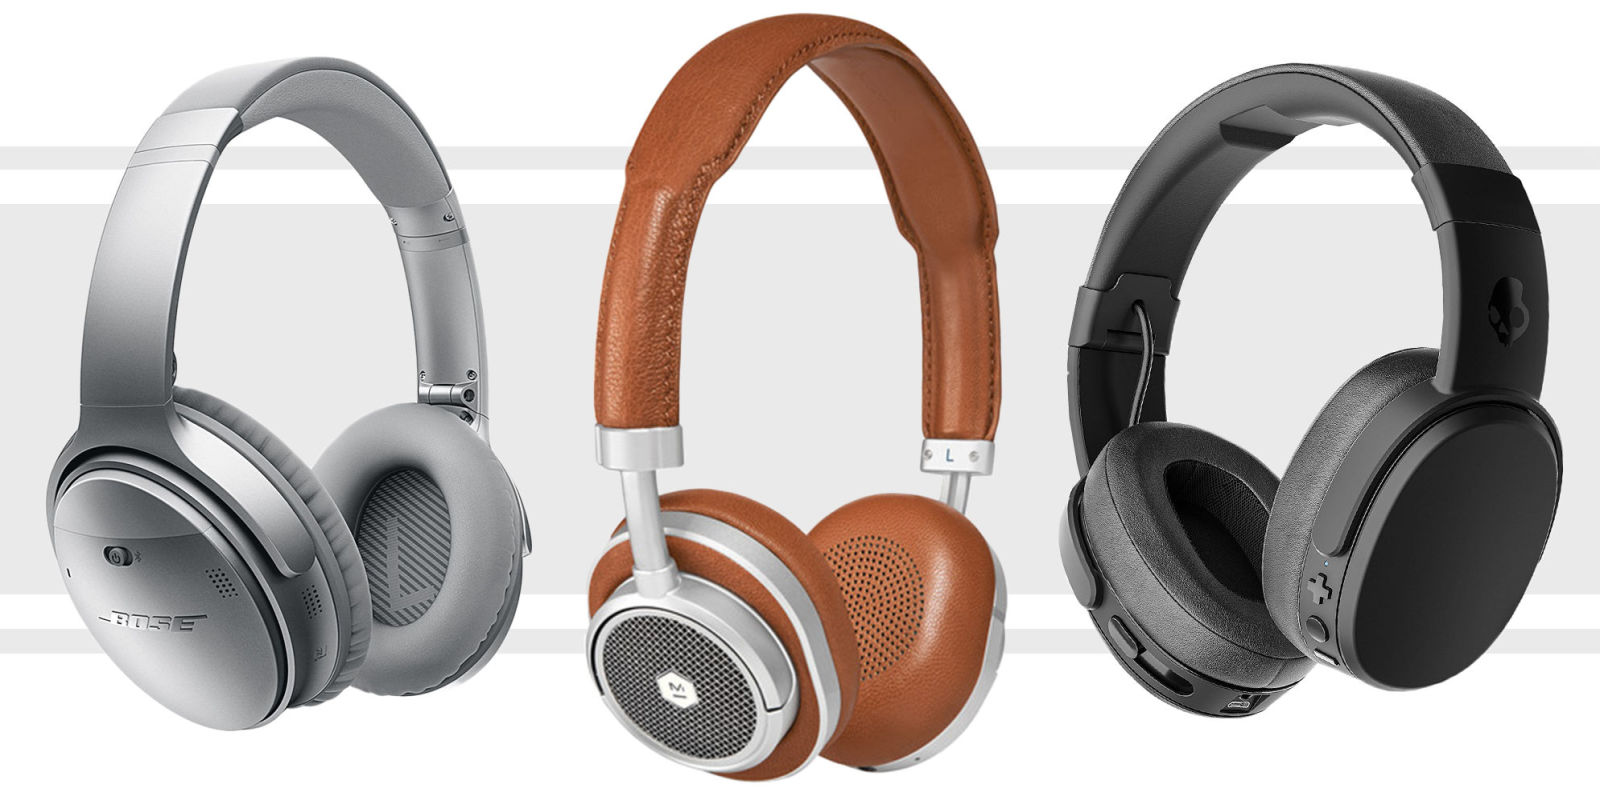 18 Best Wireless Headphones For 2017 Top Bluetooth Over